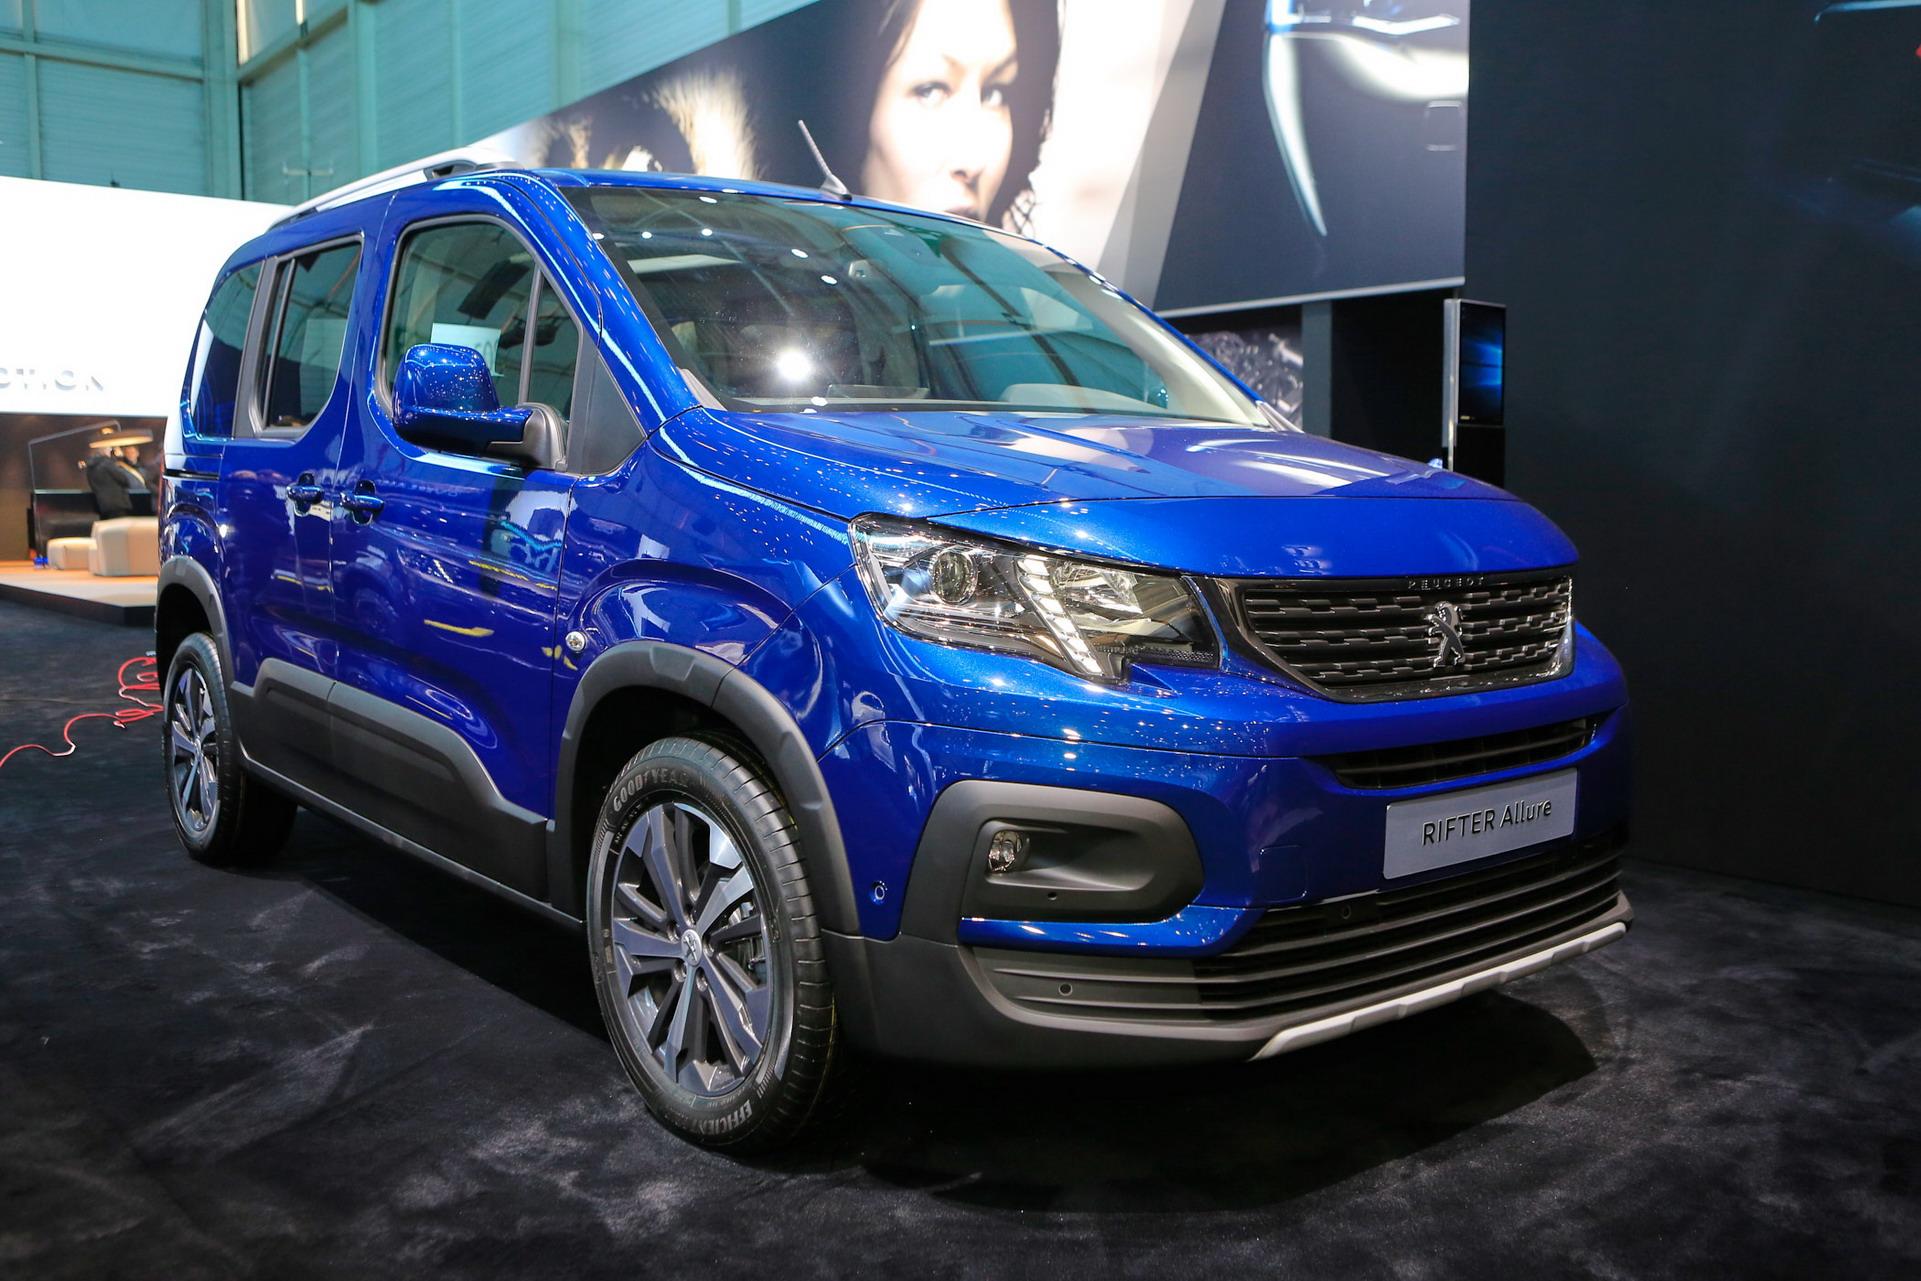 Geneva Motor Show – auta, które zainteresują polskiego kierowcę